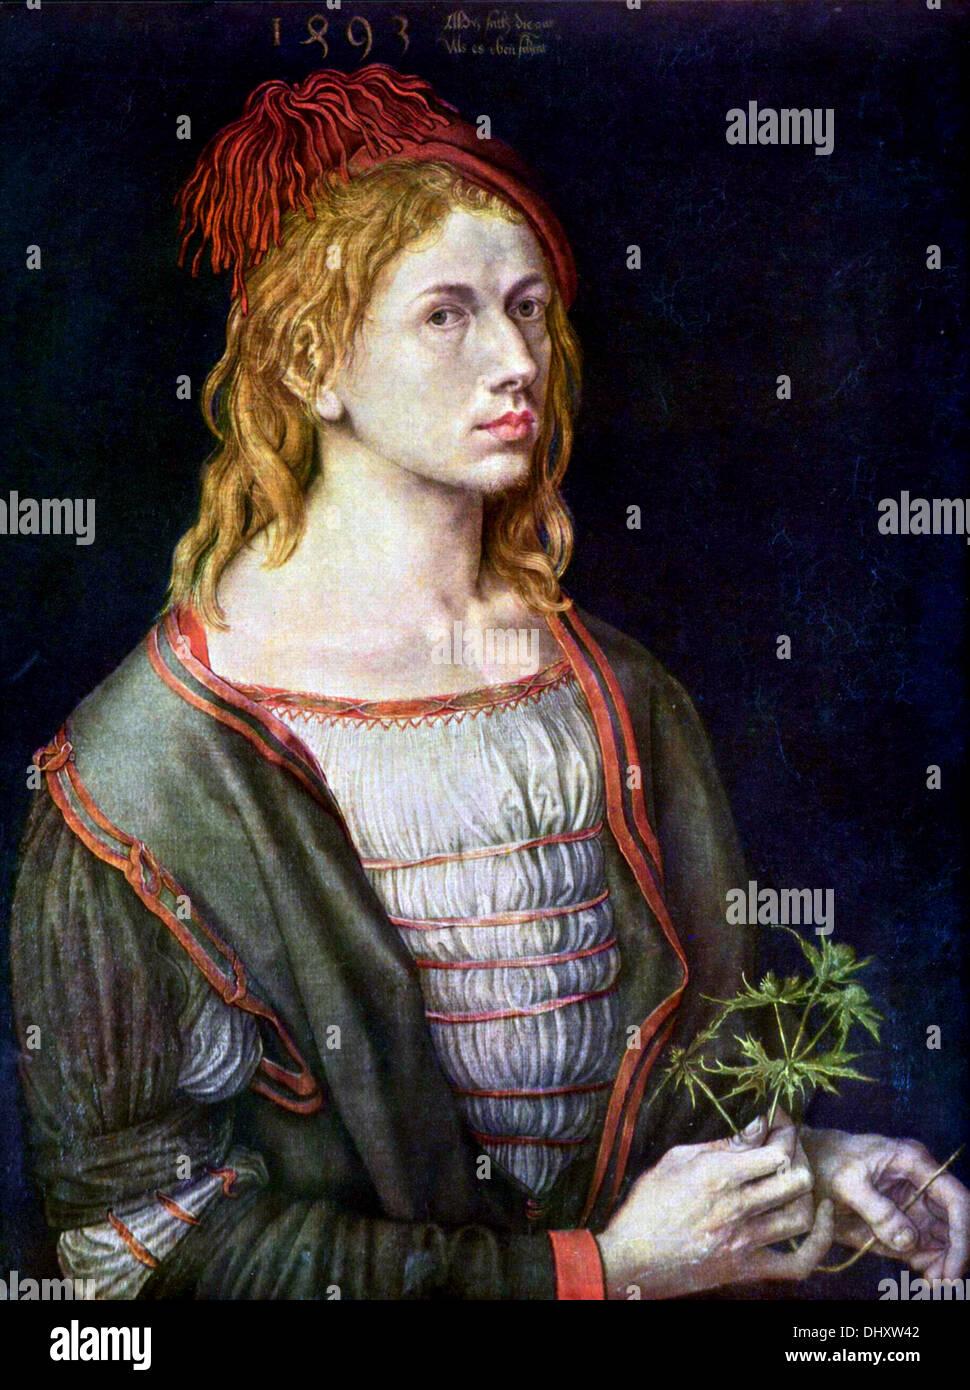 Selbstporträt-von Albrecht Dürer, 1493 Stockbild